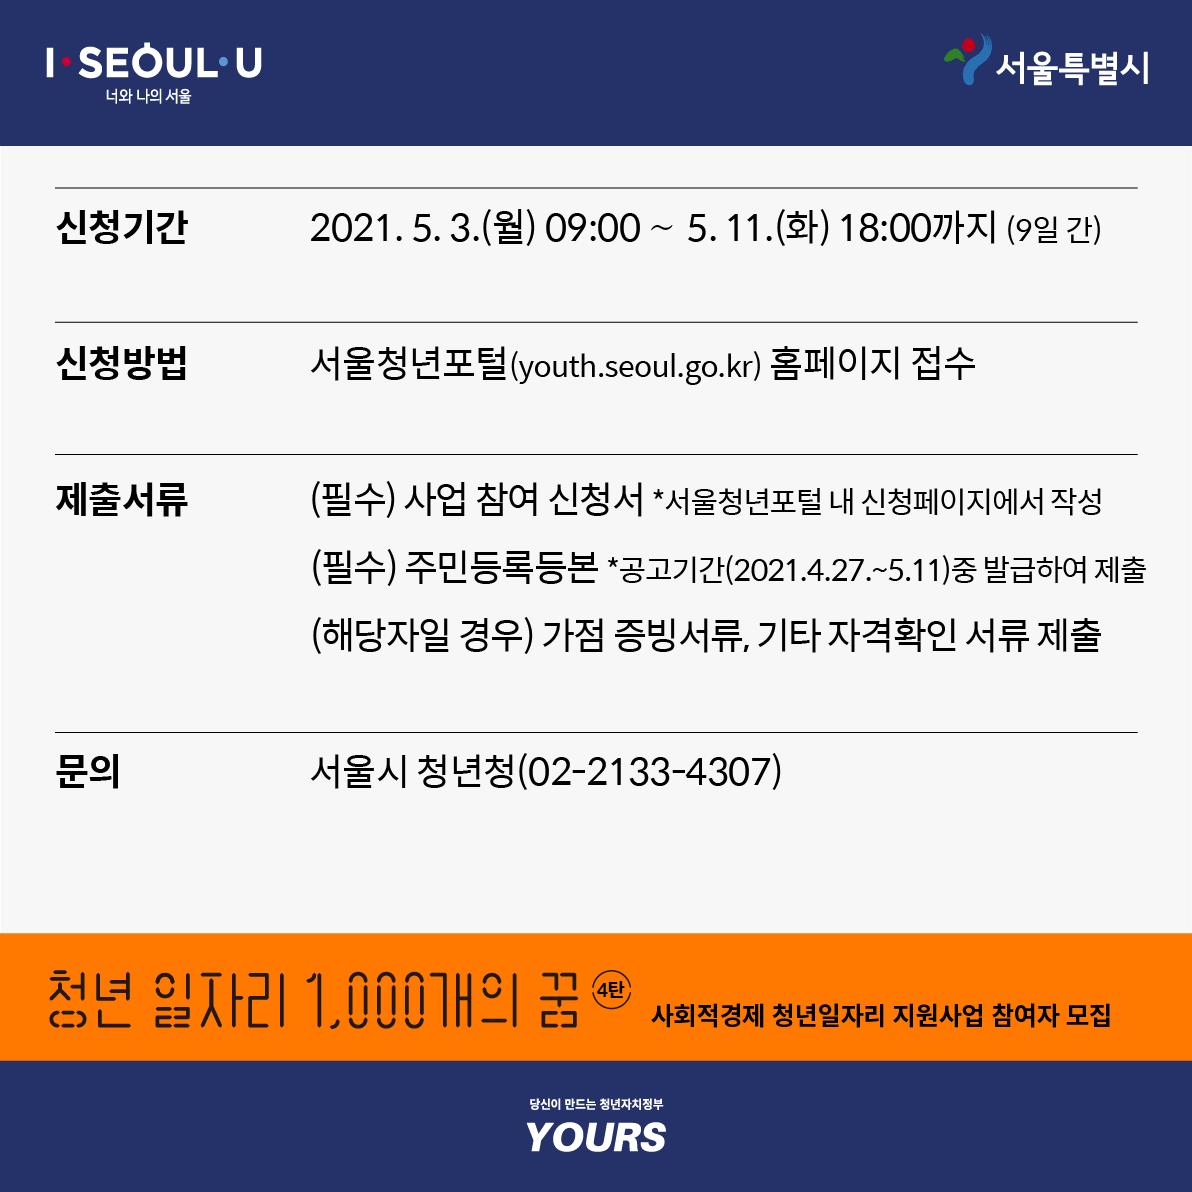 청년일자리_4탄사회적경제_카드뉴스_4.png